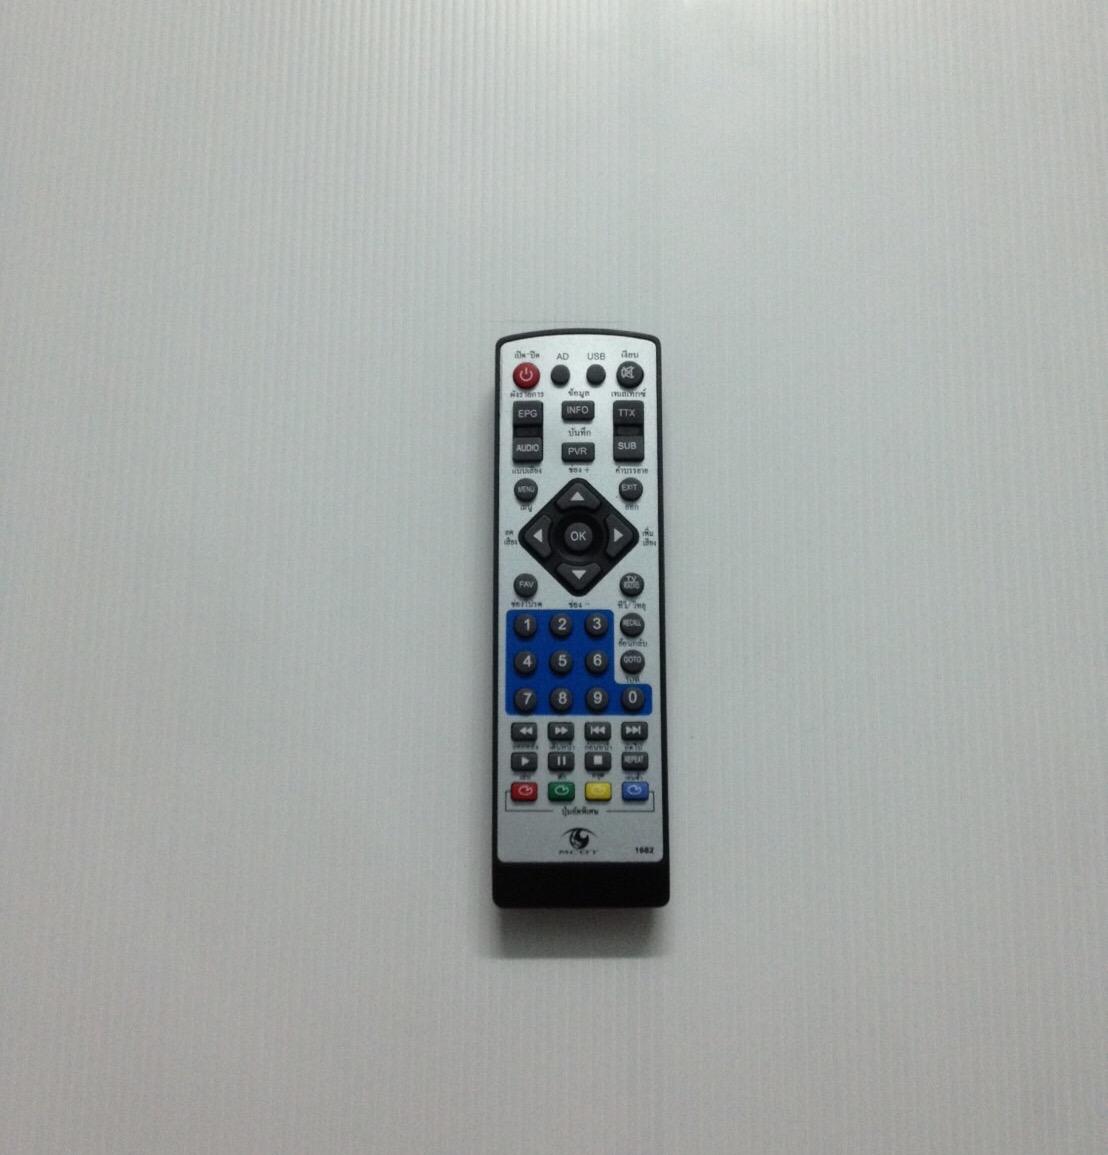 รีโมทกล่องดิจิตอลทีวี MCOT เงิน